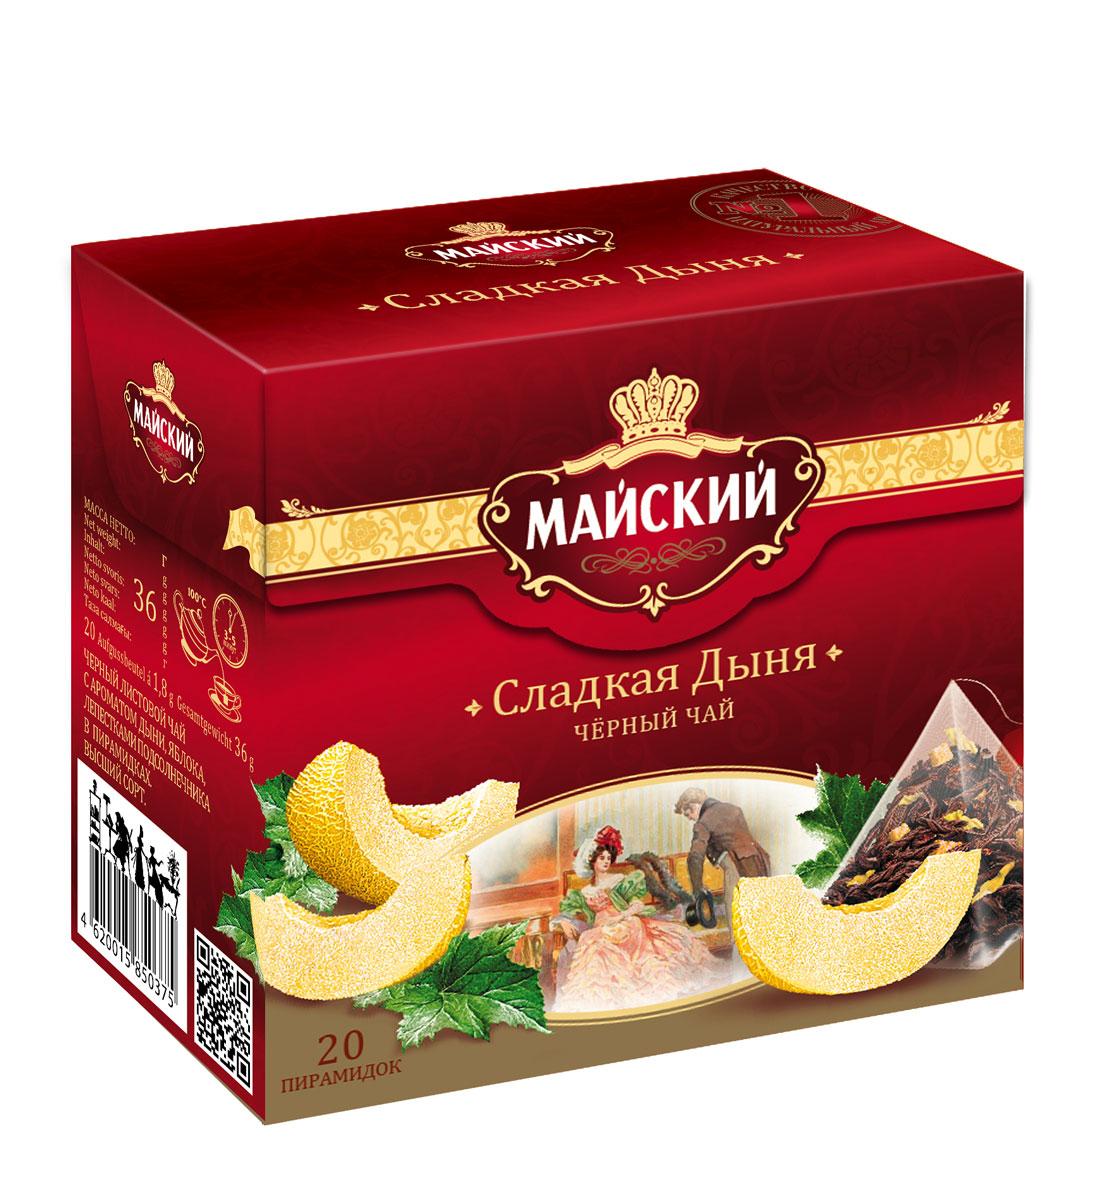 Майский Сладкая Дыня черный чай в пирамидках, 20 шт куплю дом в поселке майский белгородский район